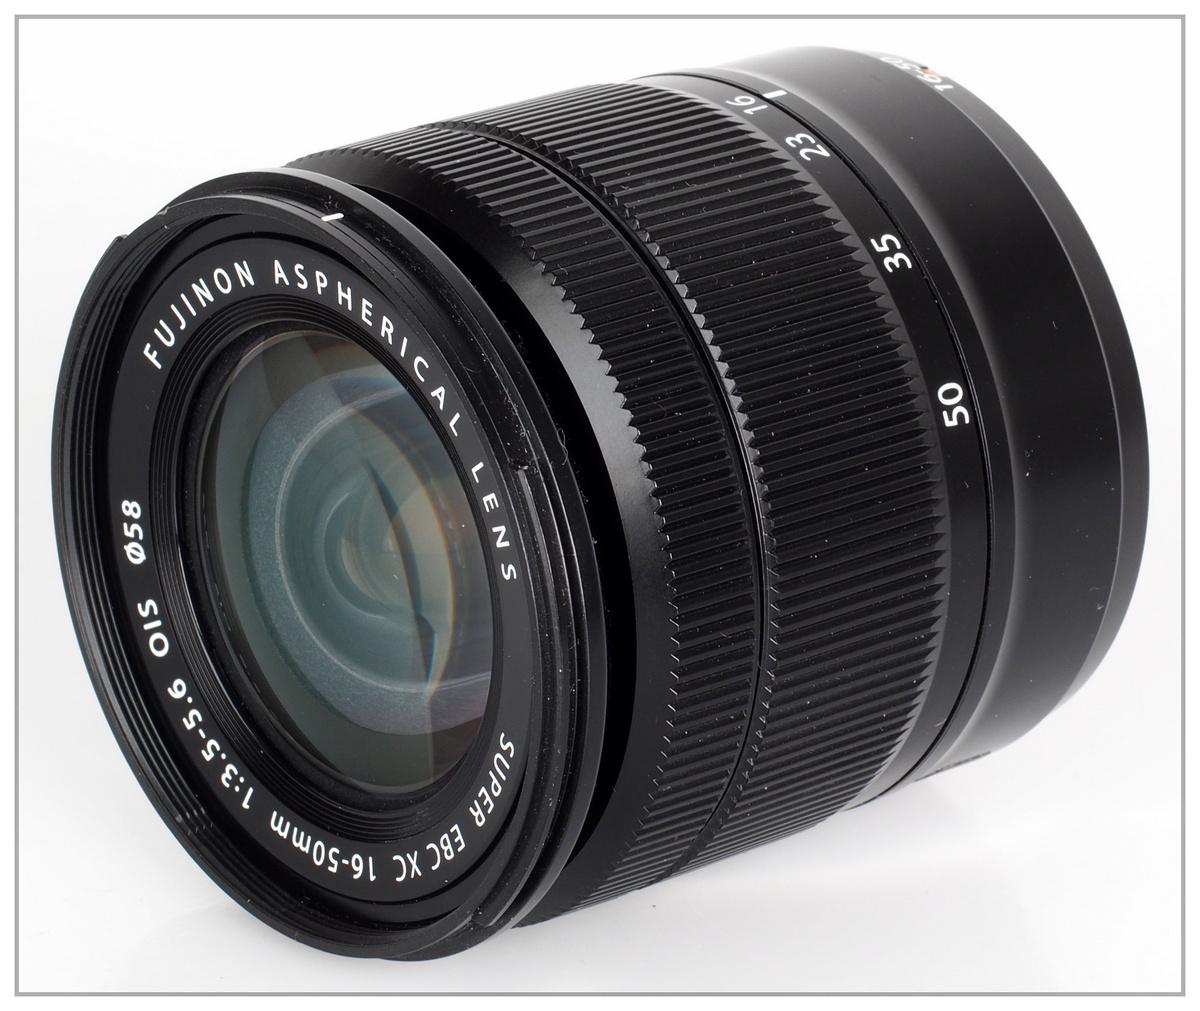 Fujifilm XC 16-50 f3.5-5.6